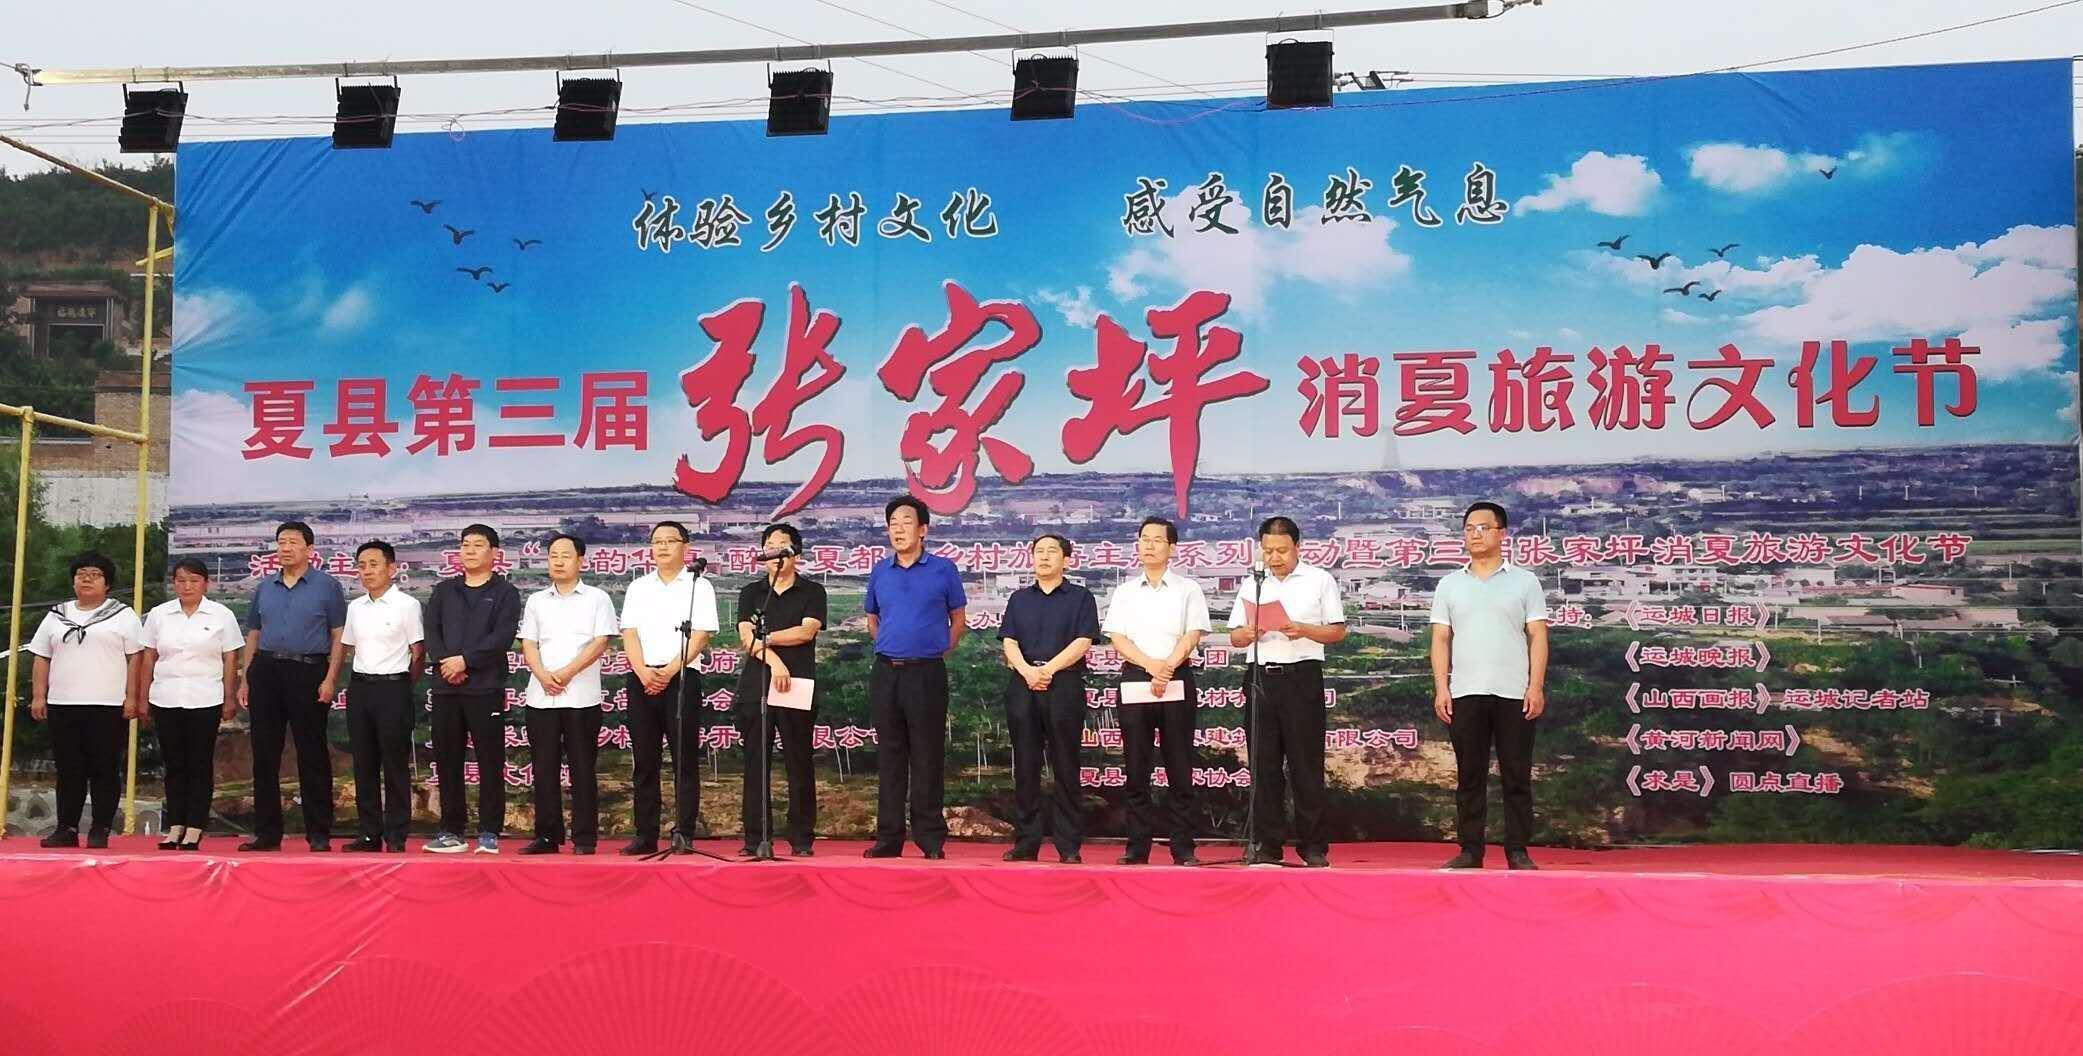 夏县举办第三届张家坪消夏旅游文化节